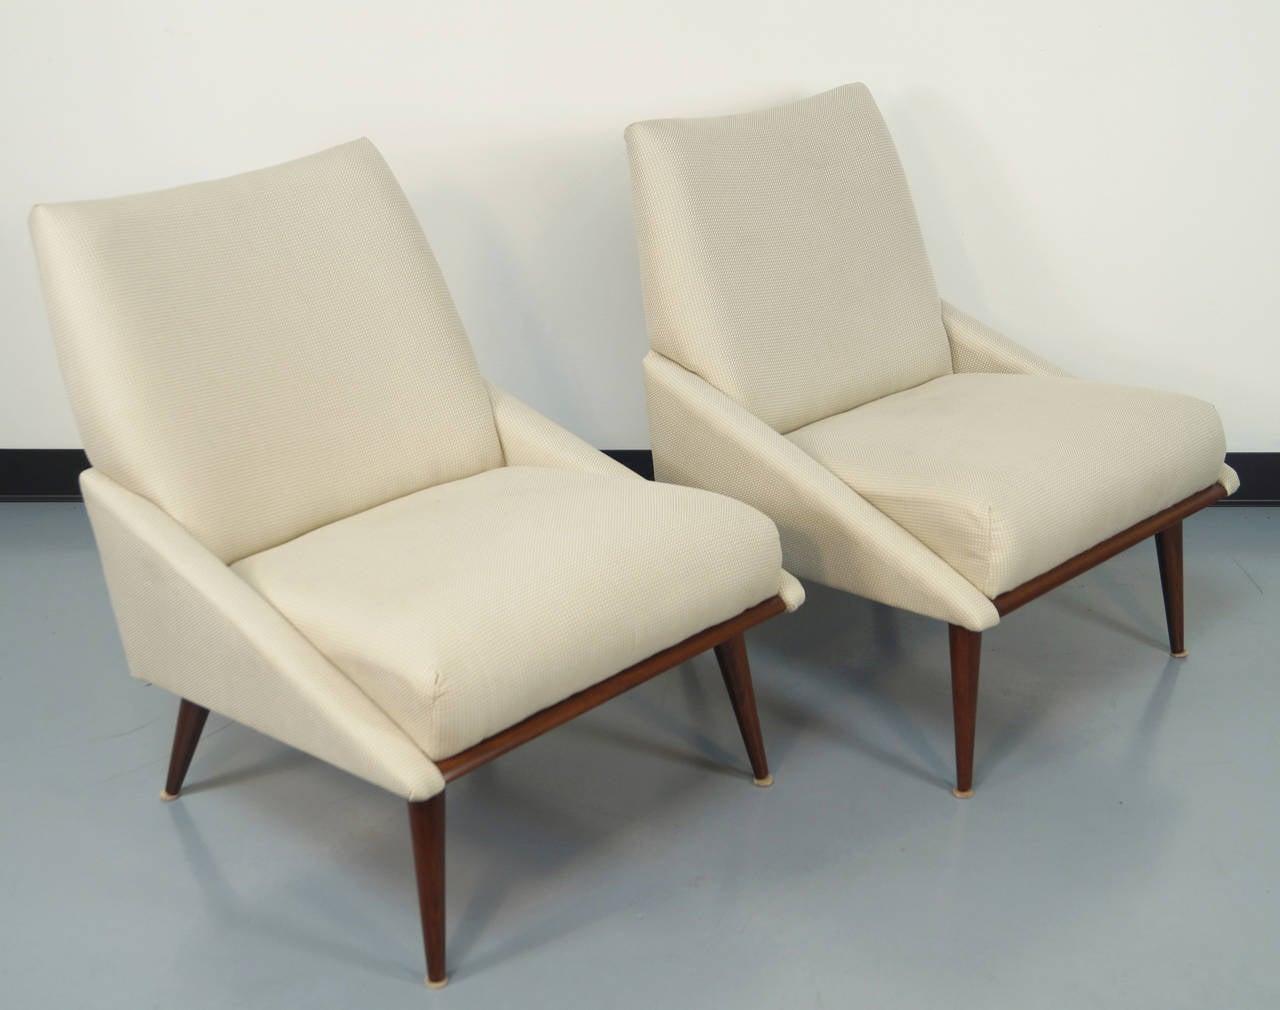 Vintage Slipper Chairs by Kroehler 2 - Vintage Slipper Chairs By Kroehler At 1stdibs